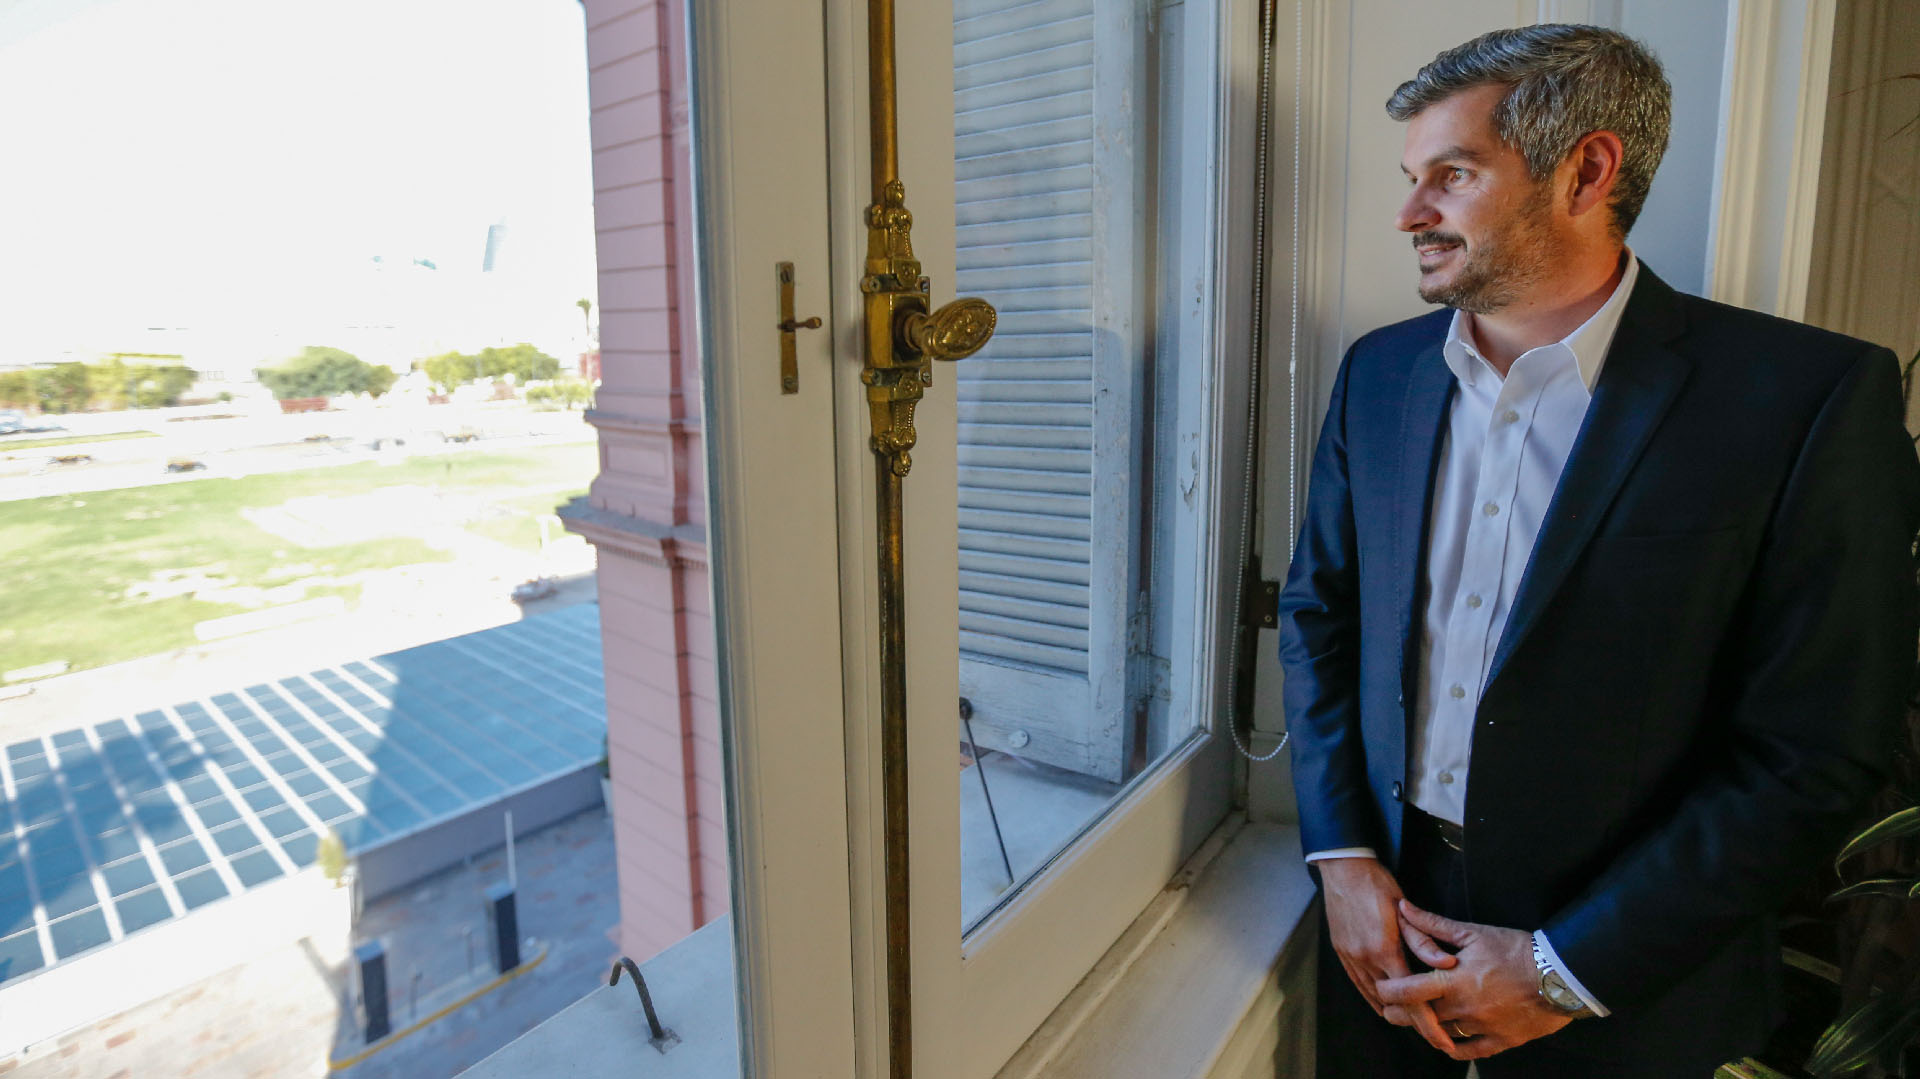 El jefe de Gabinete, Marcos Peña, en una de las ventanas de la Casa Rosada (Nicolás Aboaf)